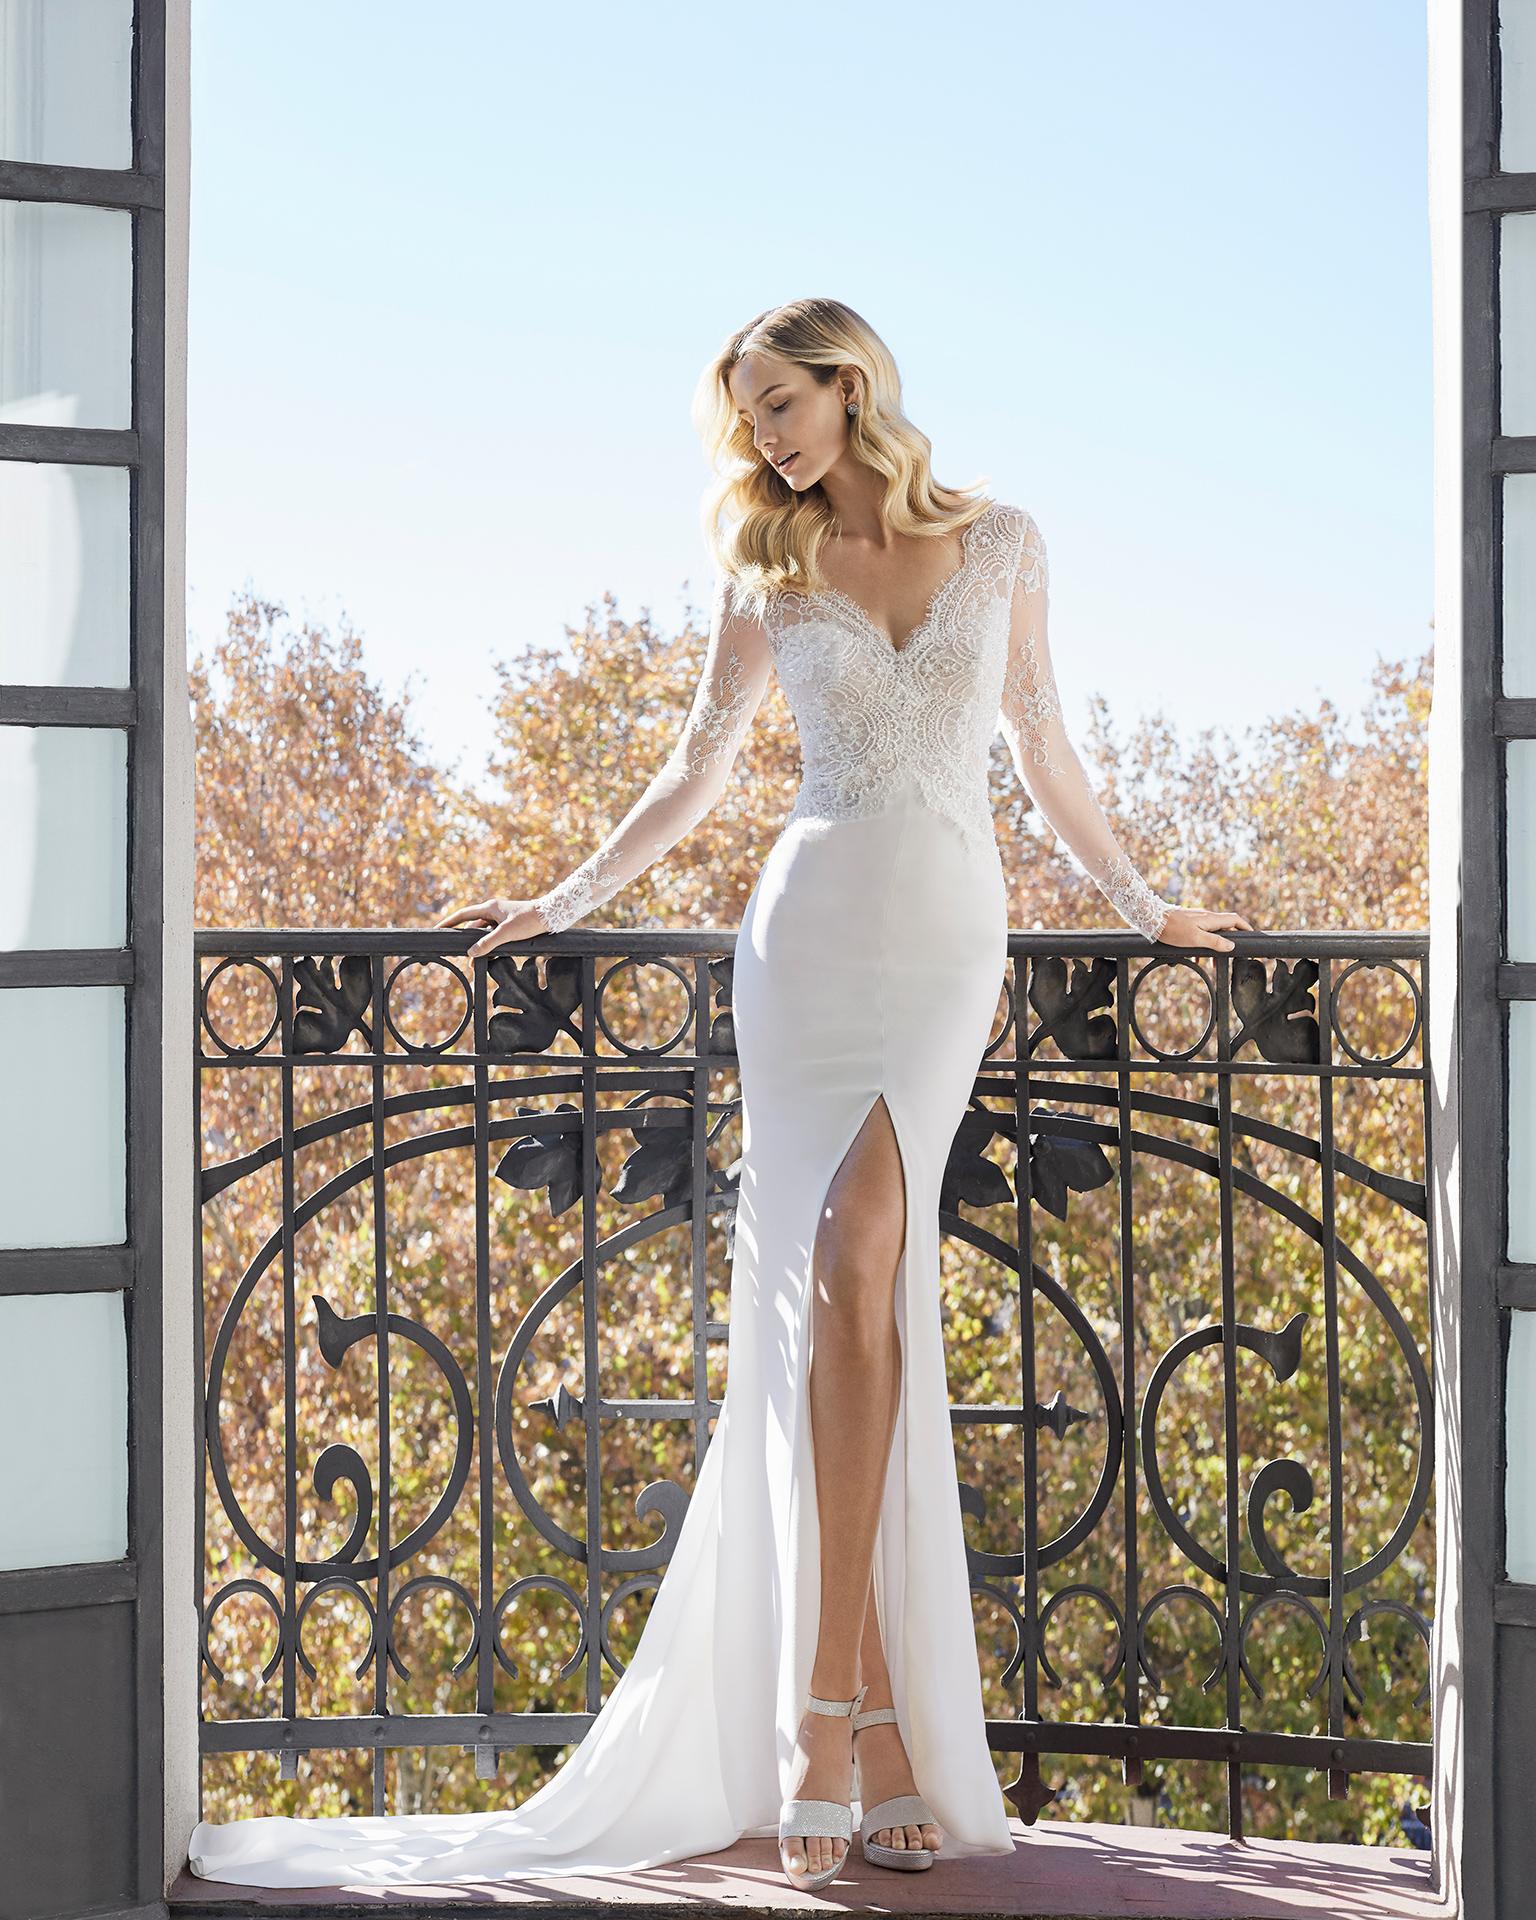 Vestido de noiva corte reto de crepe, renda e brilhantes. Decote em V, manga comprida e costas em V. Coleção AIRE BARCELONA 2019.